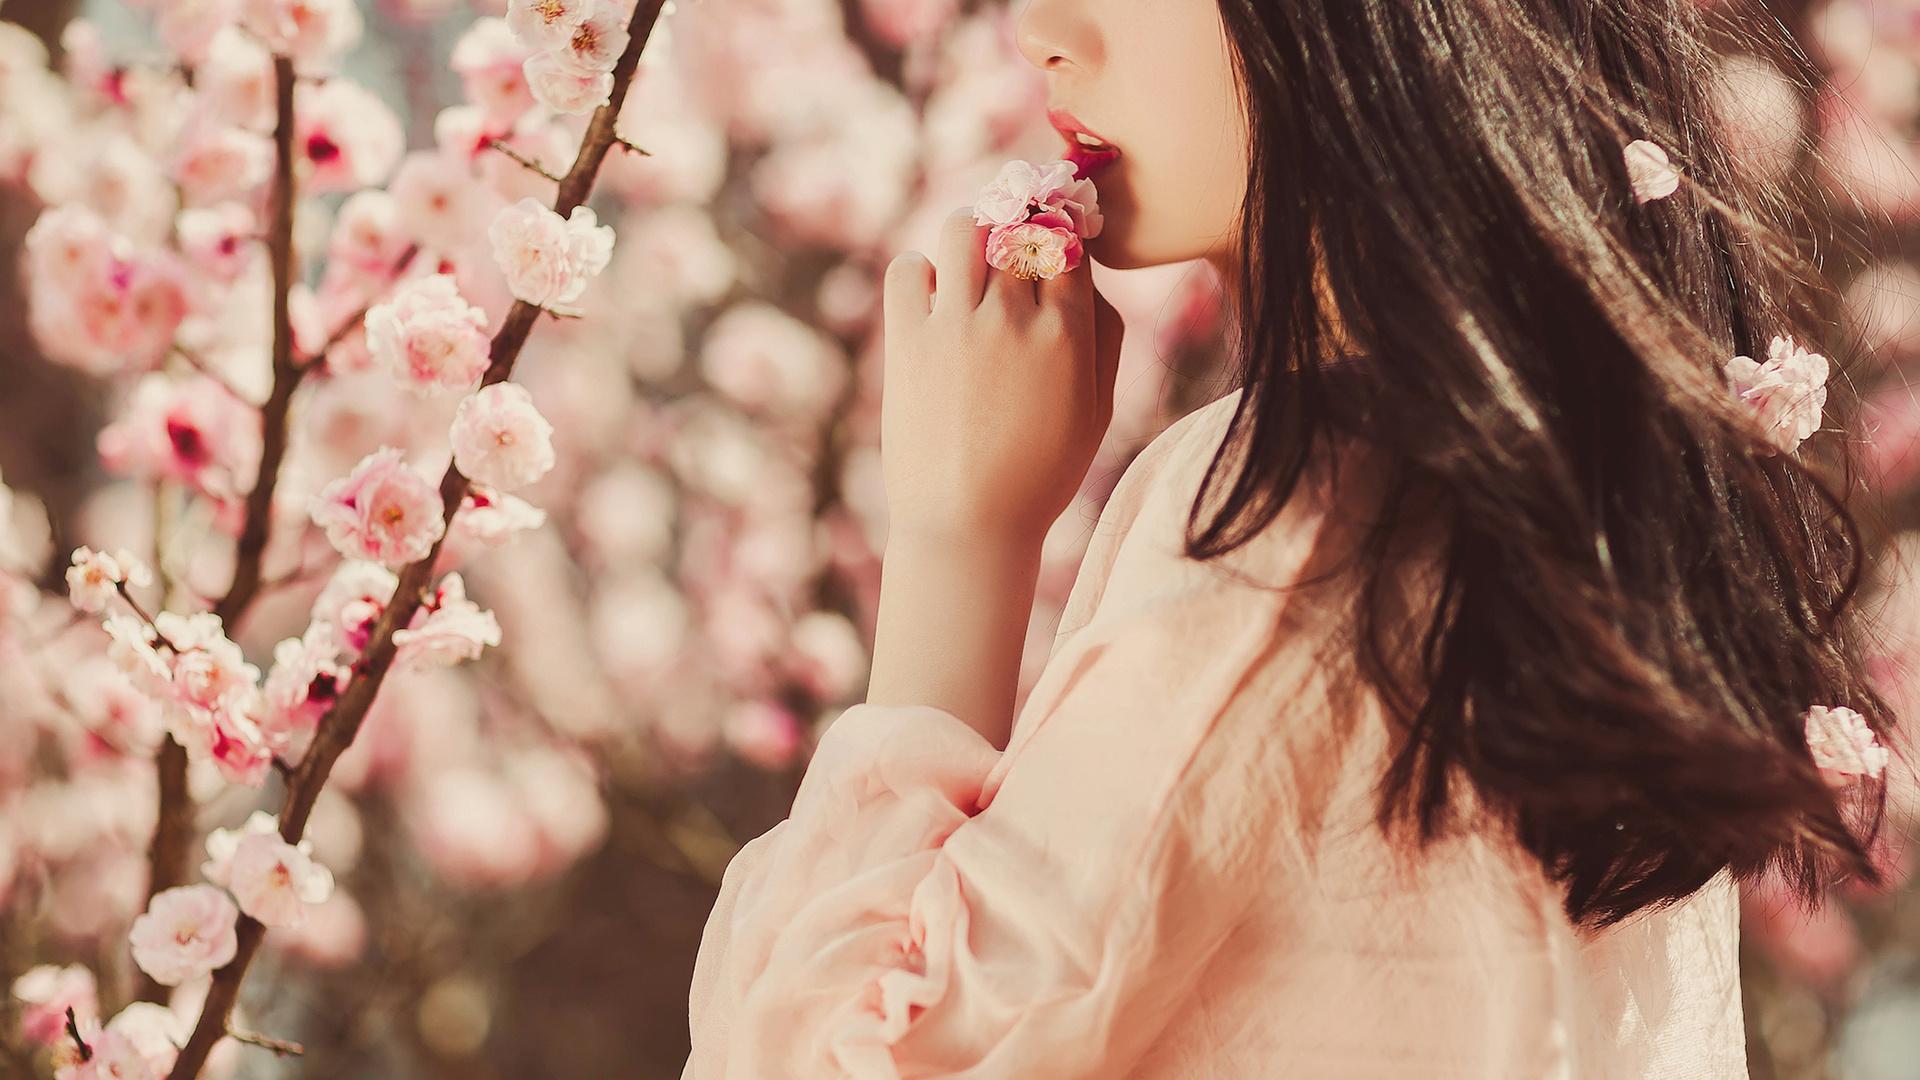 春天在哪里简谱